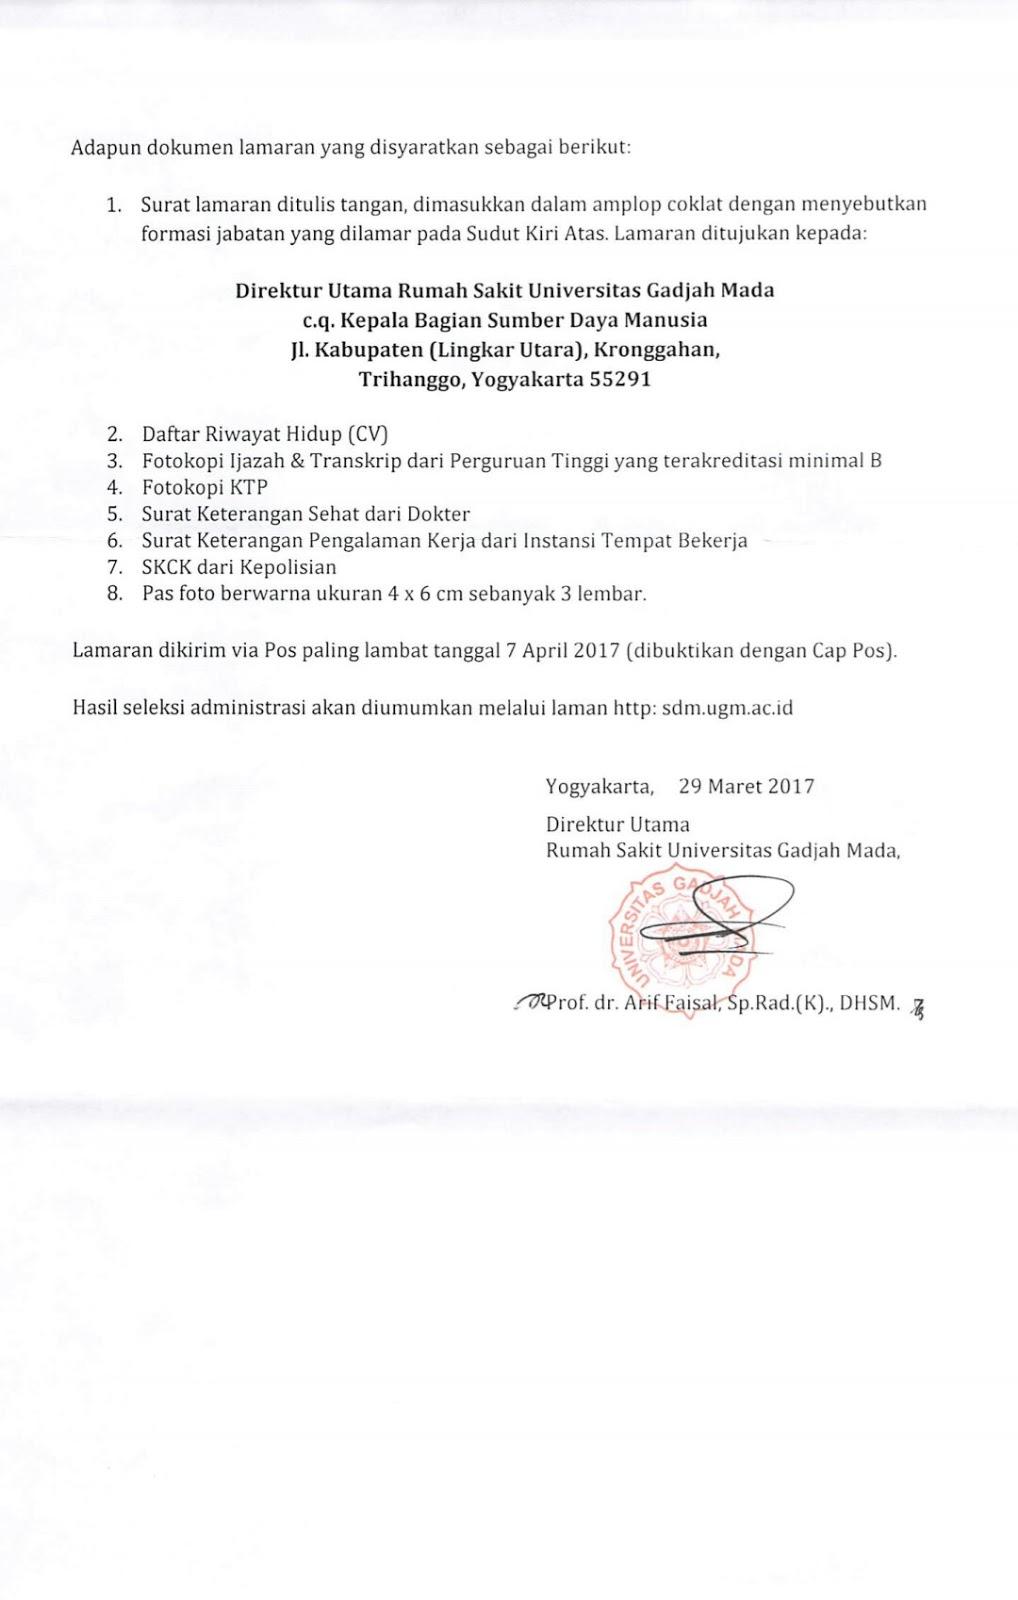 Lowongan Kerja Non PNS di Rumah Sakit Universitas Gajah ...